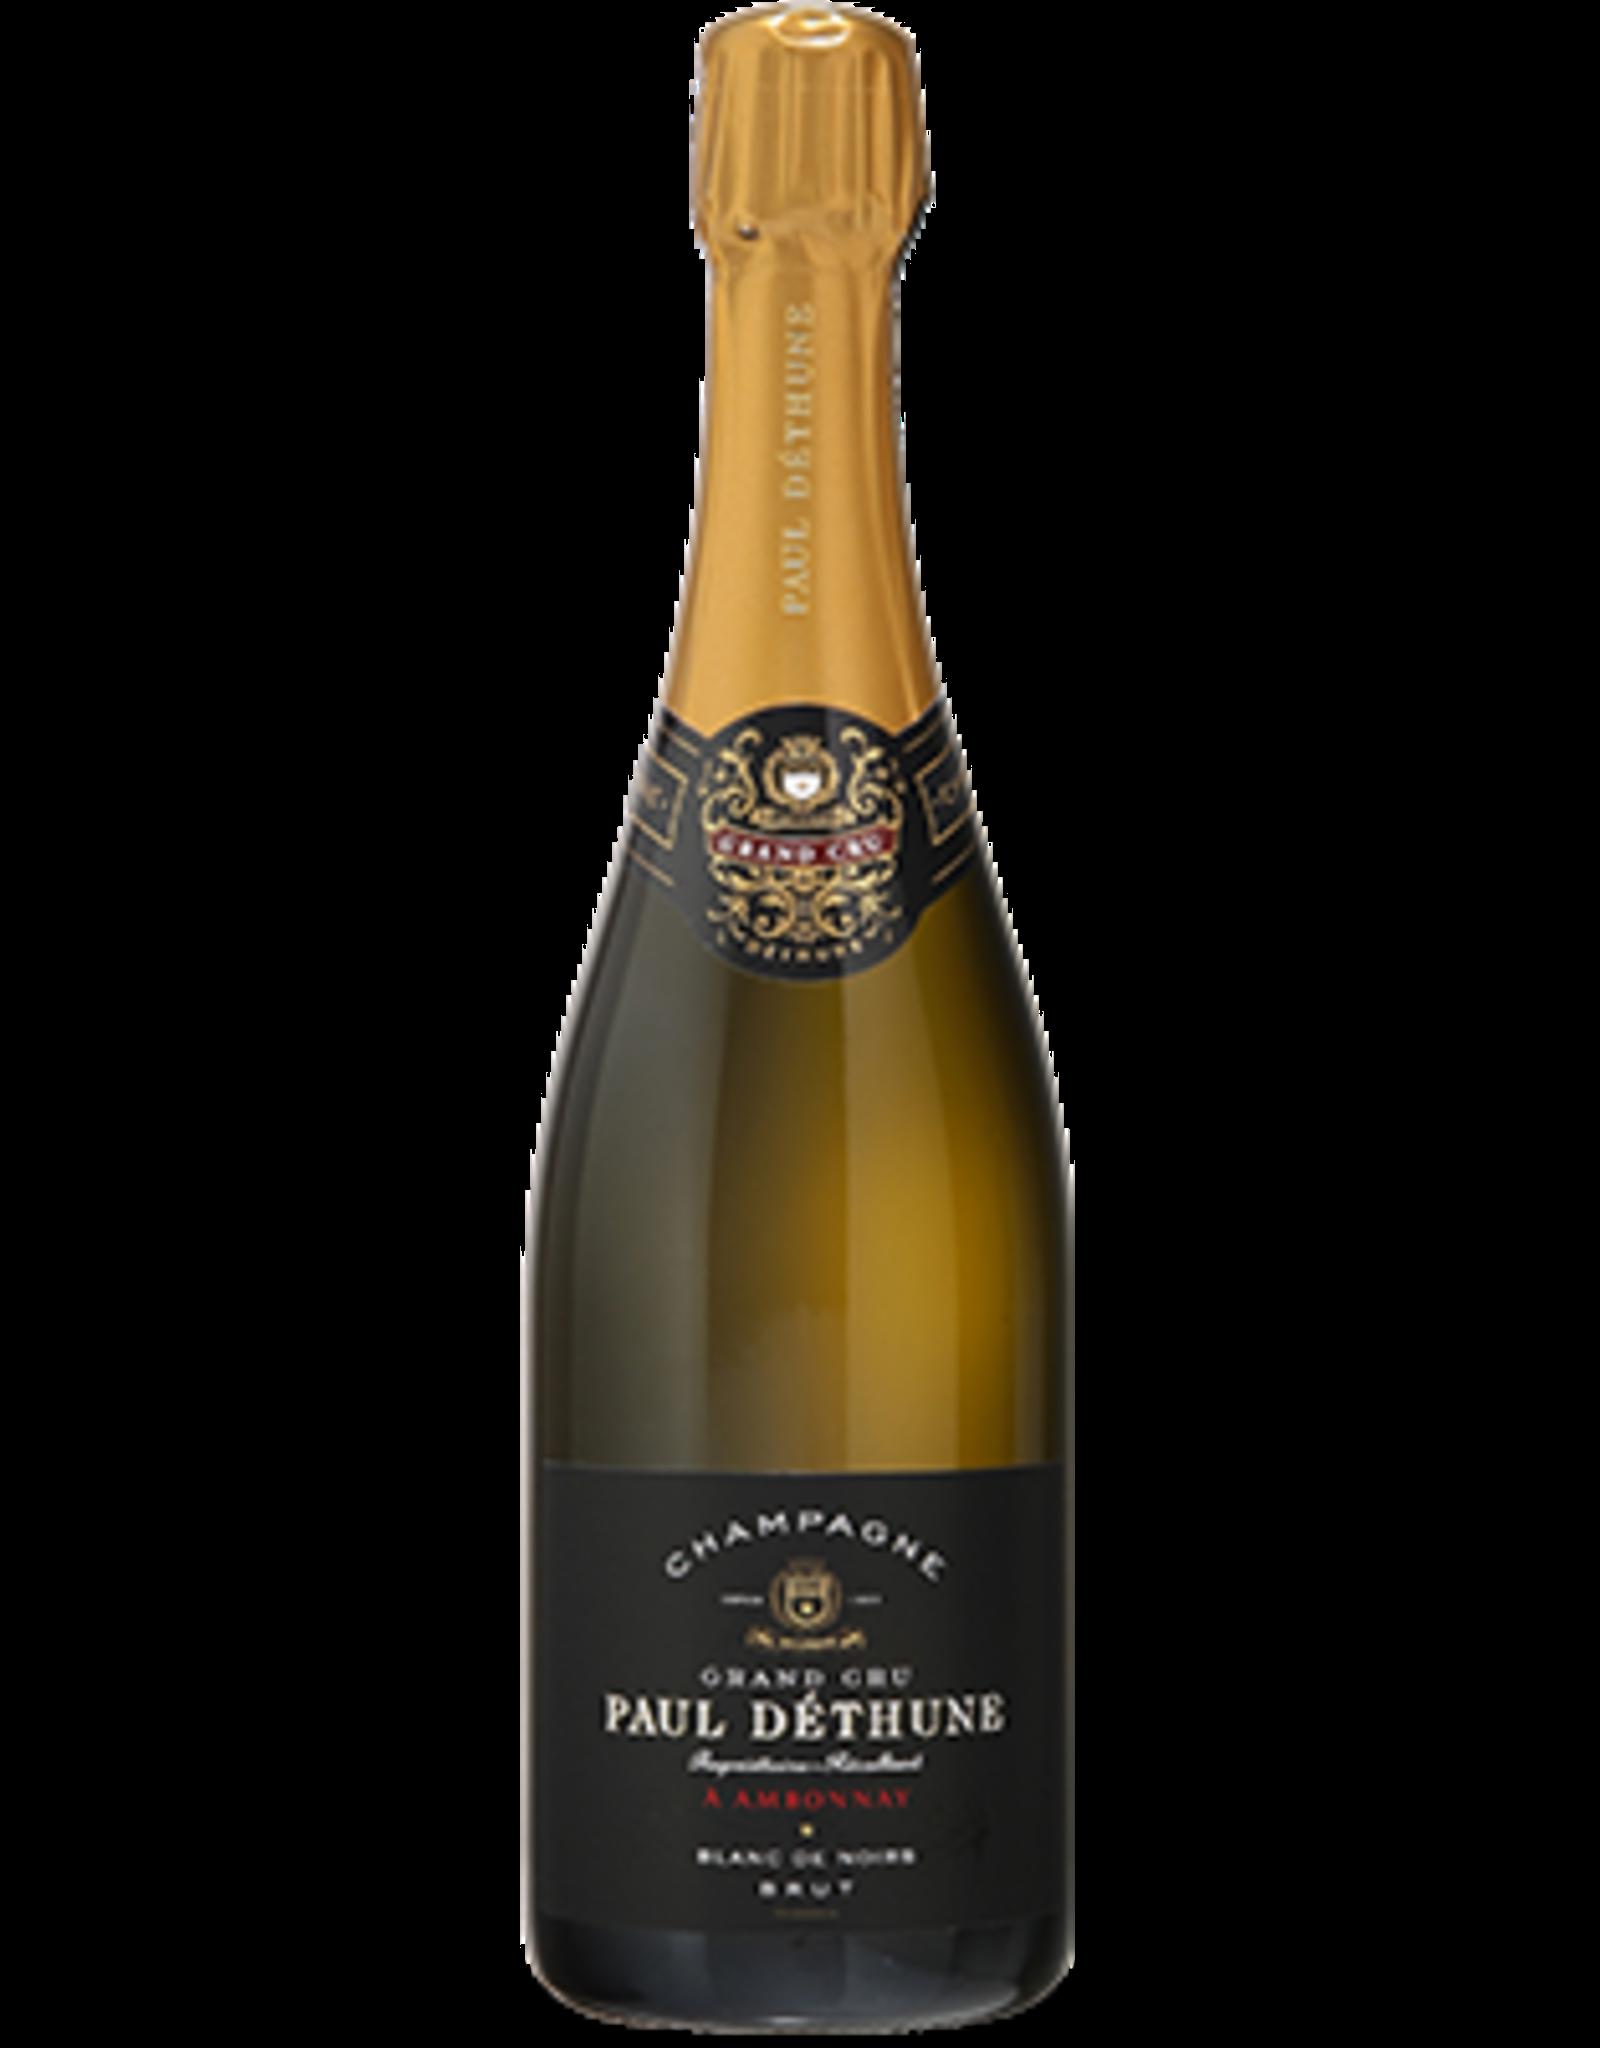 Paul Déthune Champagne Paul Déthune Blanc de Noirs Grand Cru